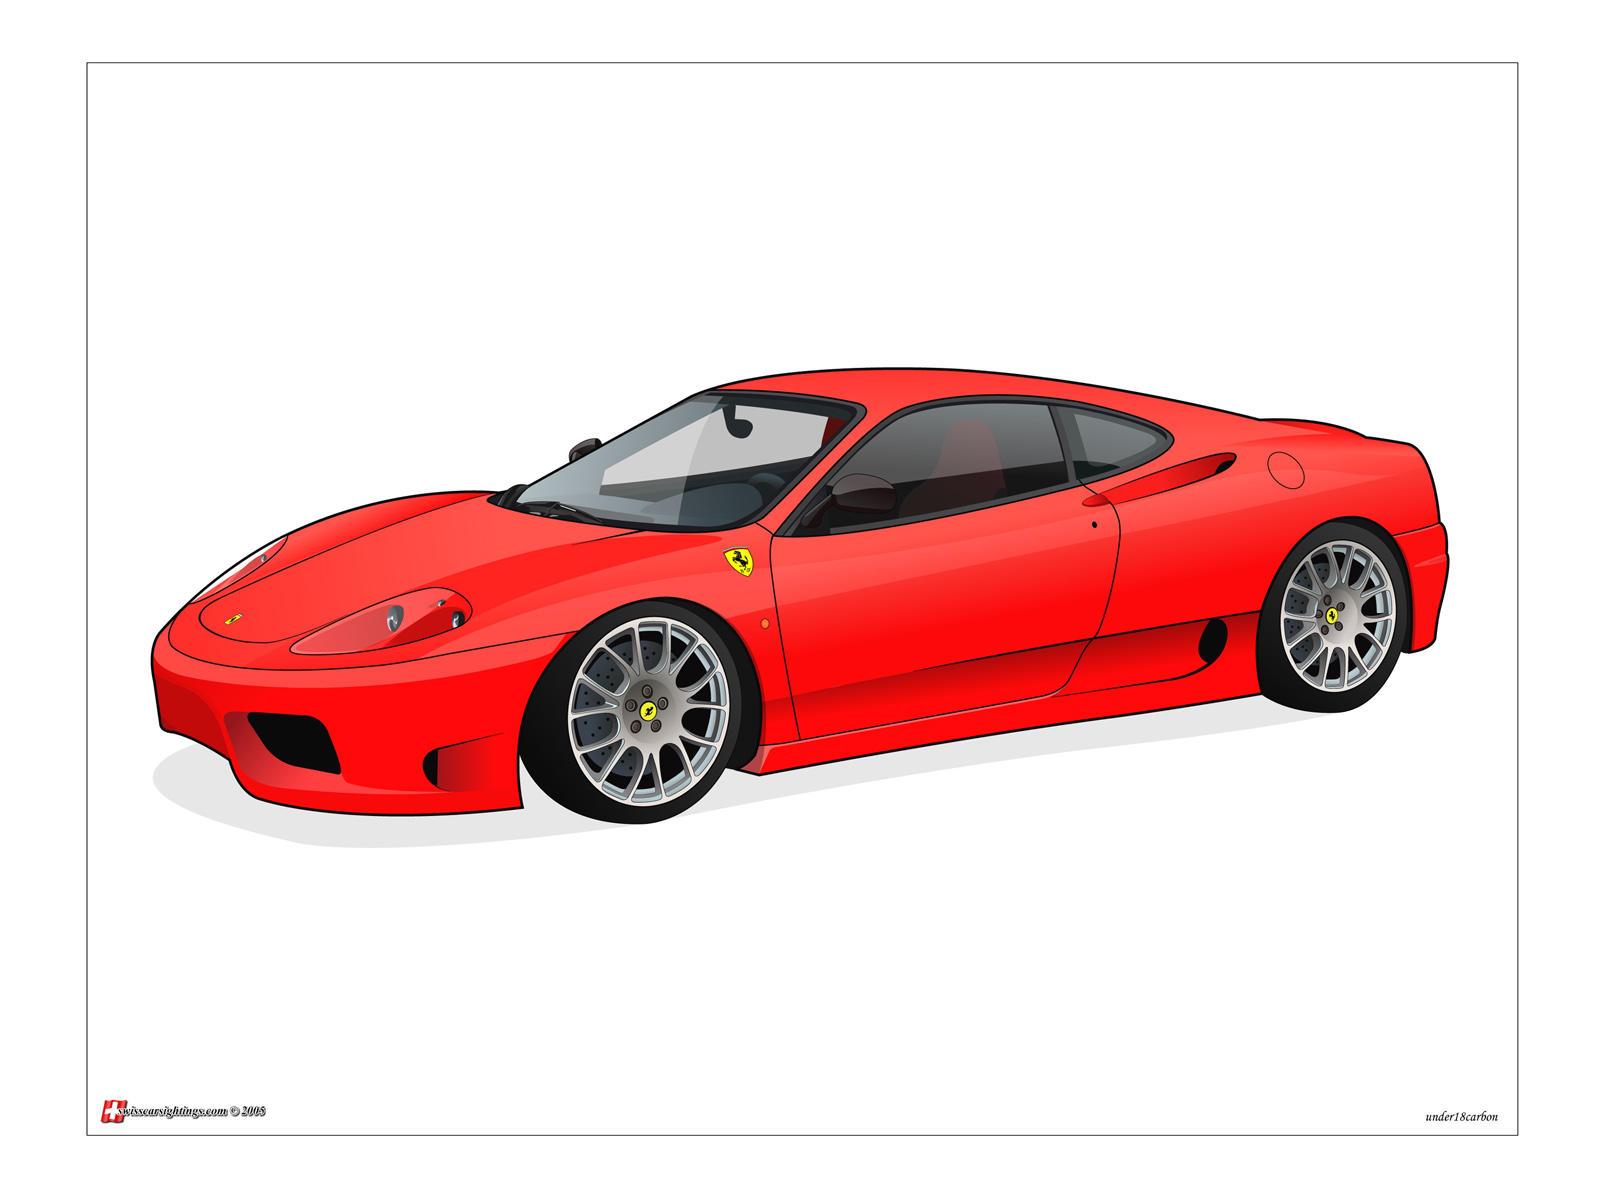 Ferrari 360 Challenge Stradale by under18carbon